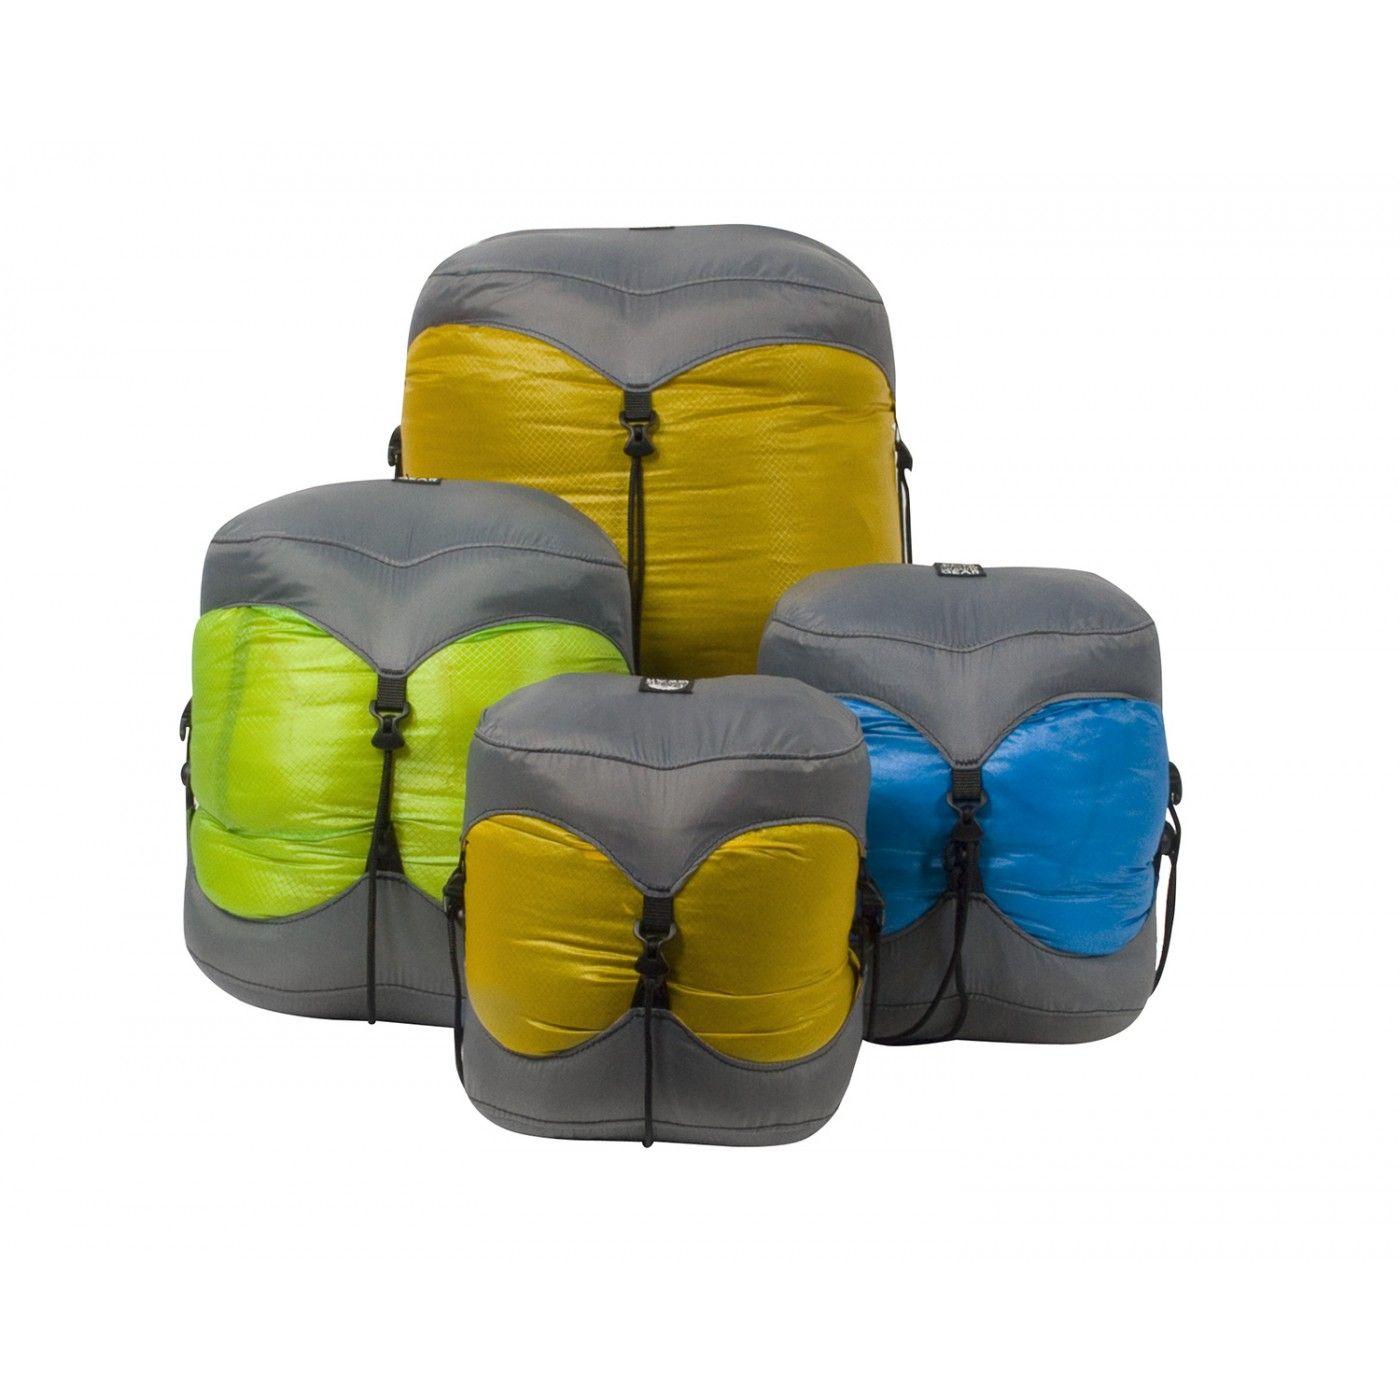 eVent Sil Compression Drysack Granite, Air compressor